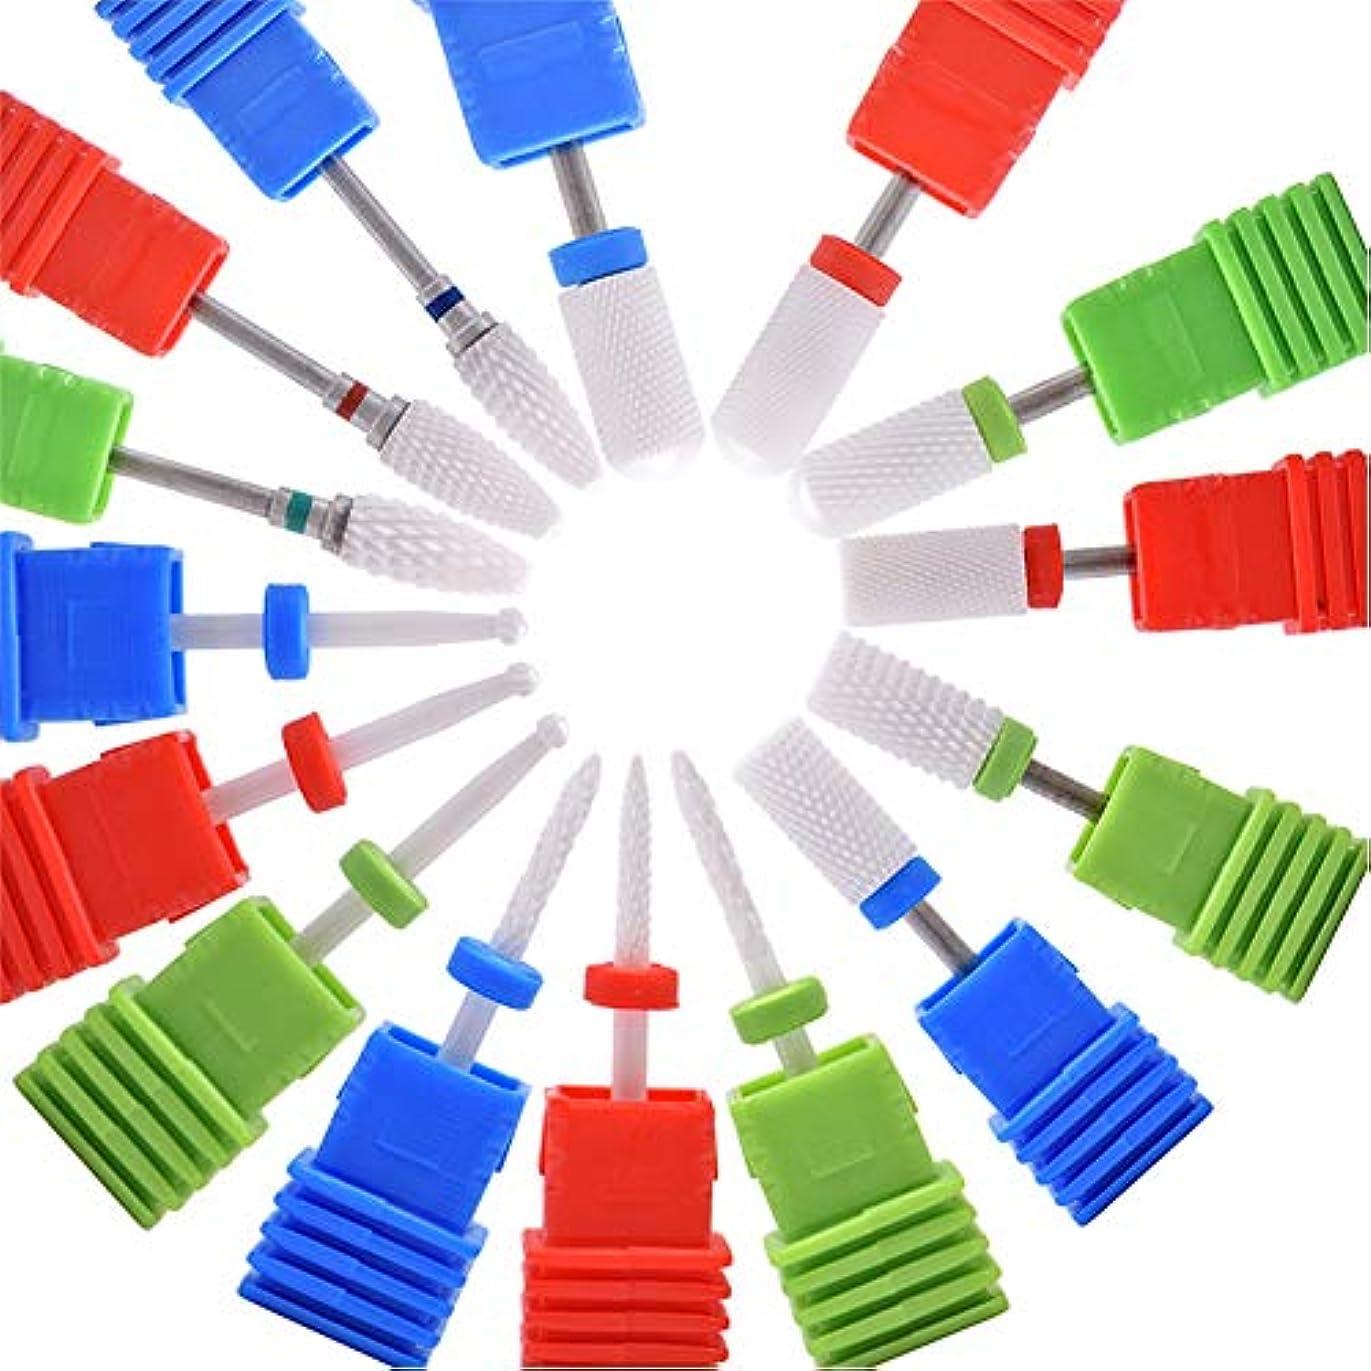 であることイサカ救急車Oral Dentistry ネイルアート ドリルビット 研削ヘッド 研磨ヘッド ネイル グラインド ヘッド 爪 磨き 研磨 研削 セラミック 全3色 15種類